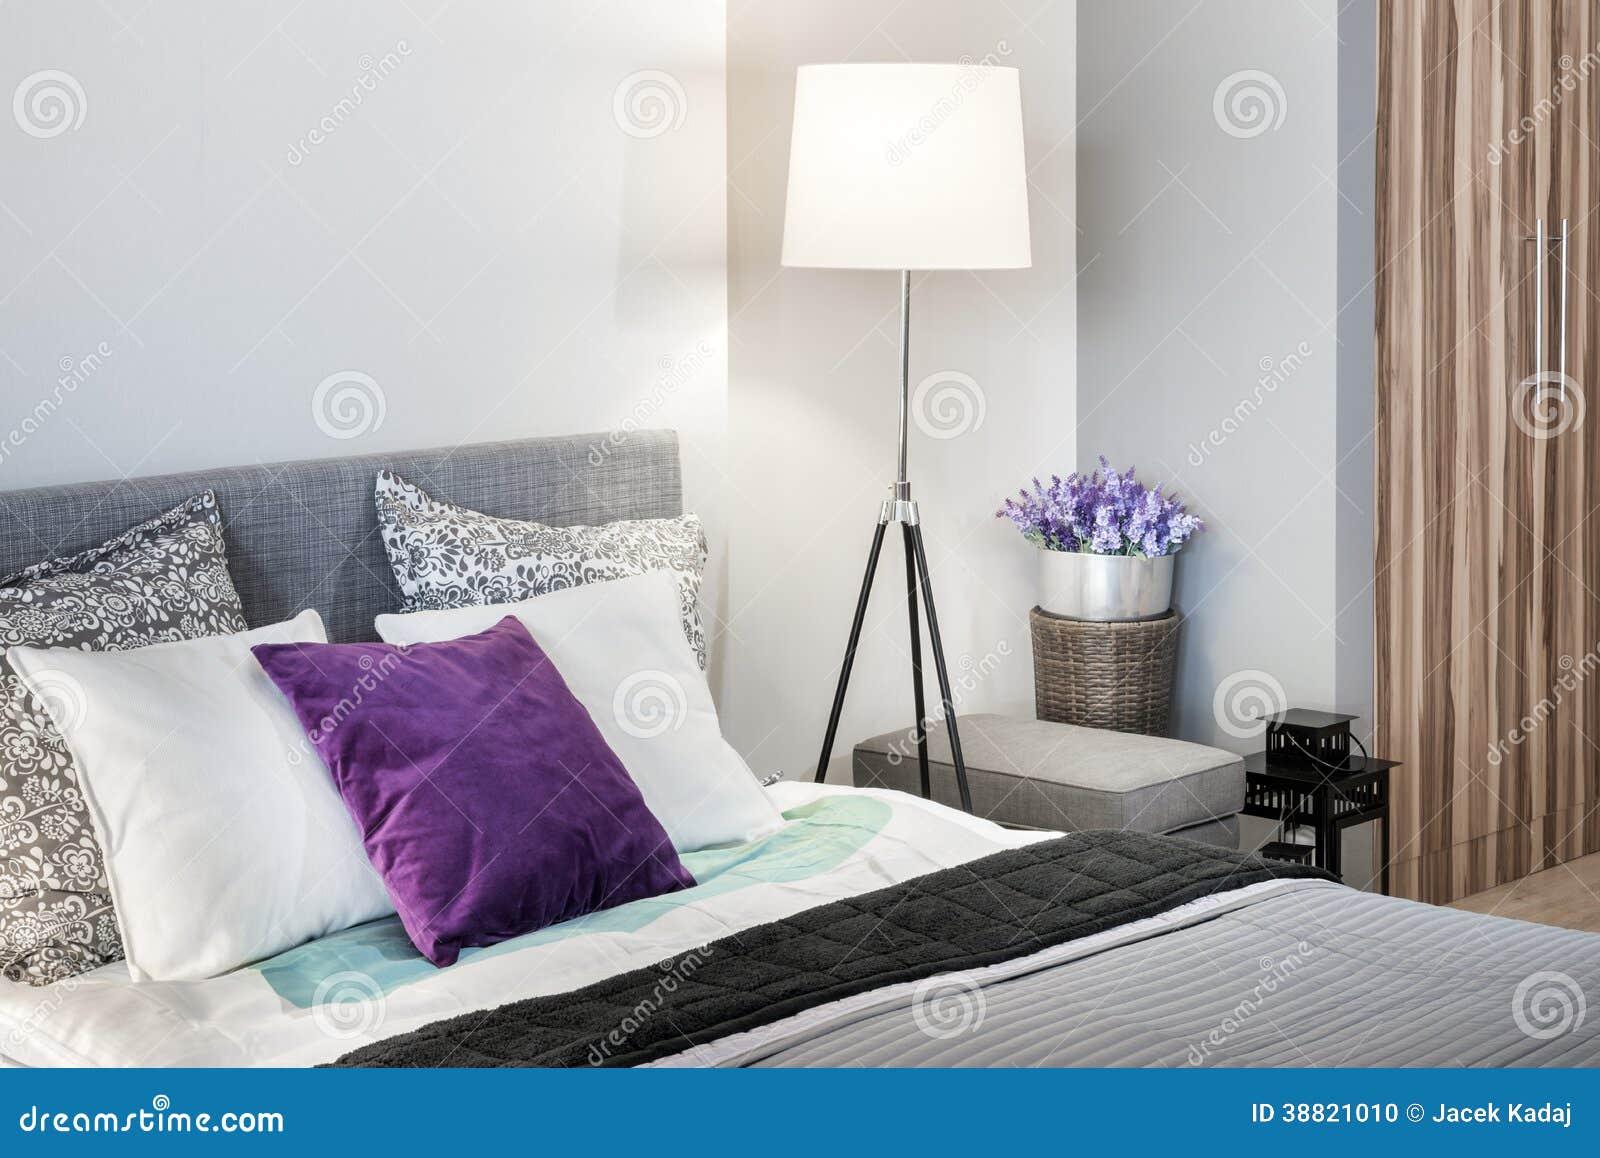 Camere da letto prezioso casa - Camera da letto del papa ...